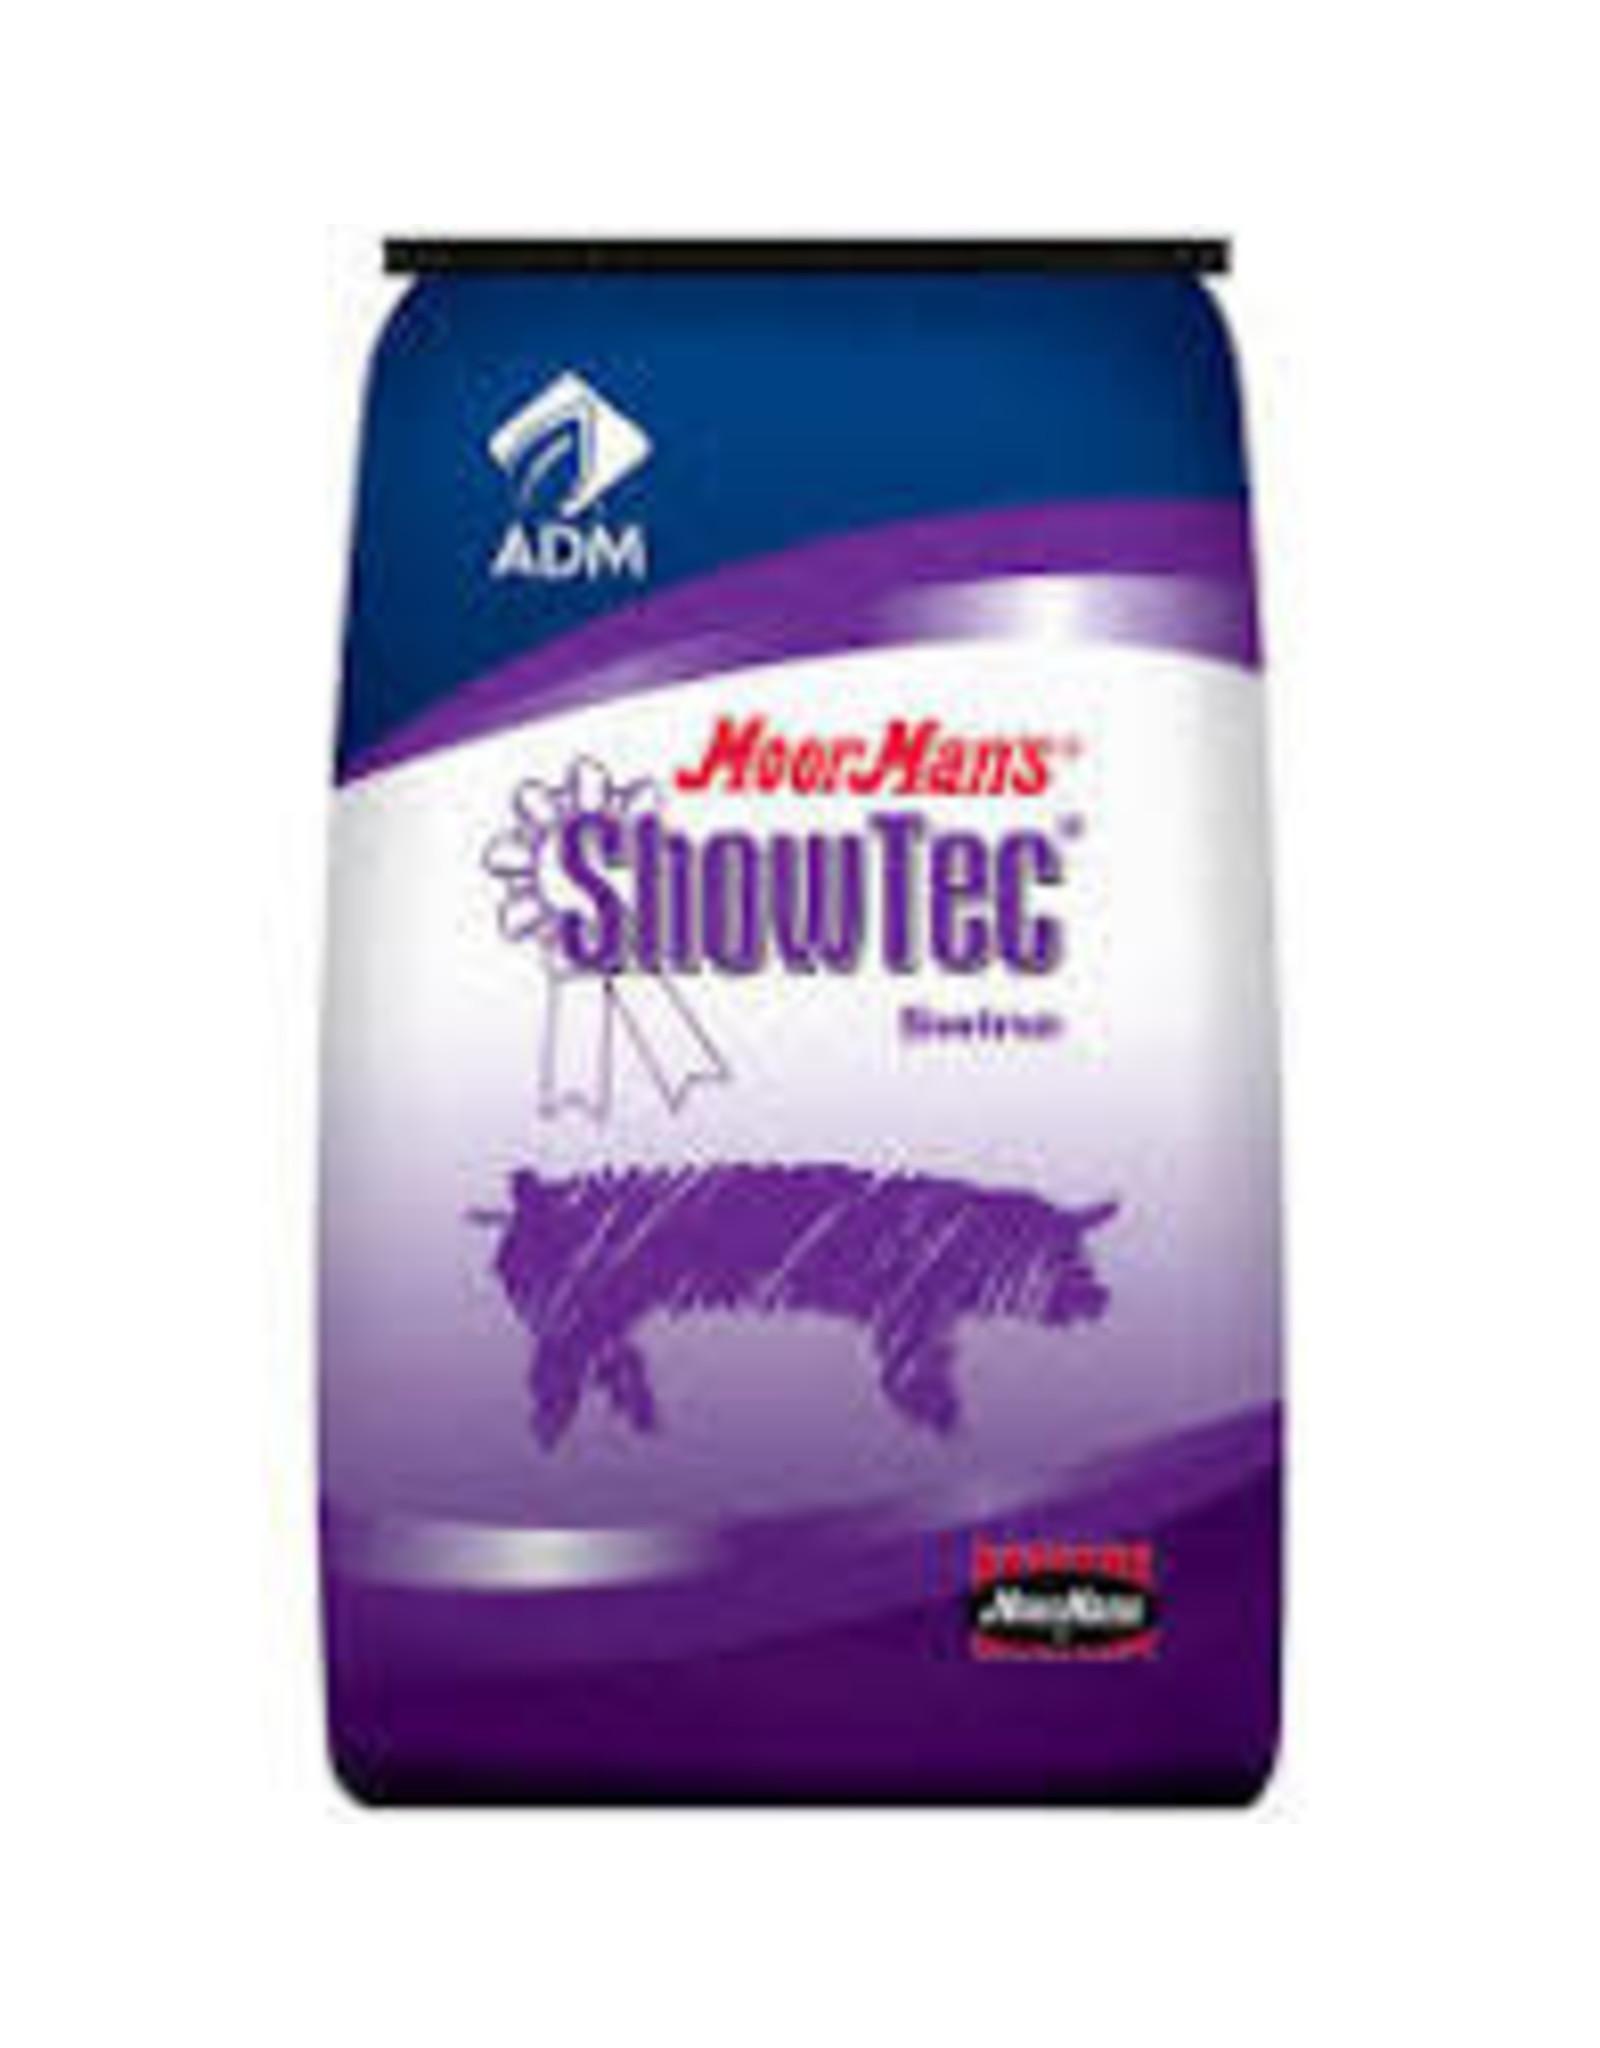 Showtec 16700  Showtec Moormans 16% Hi Fat